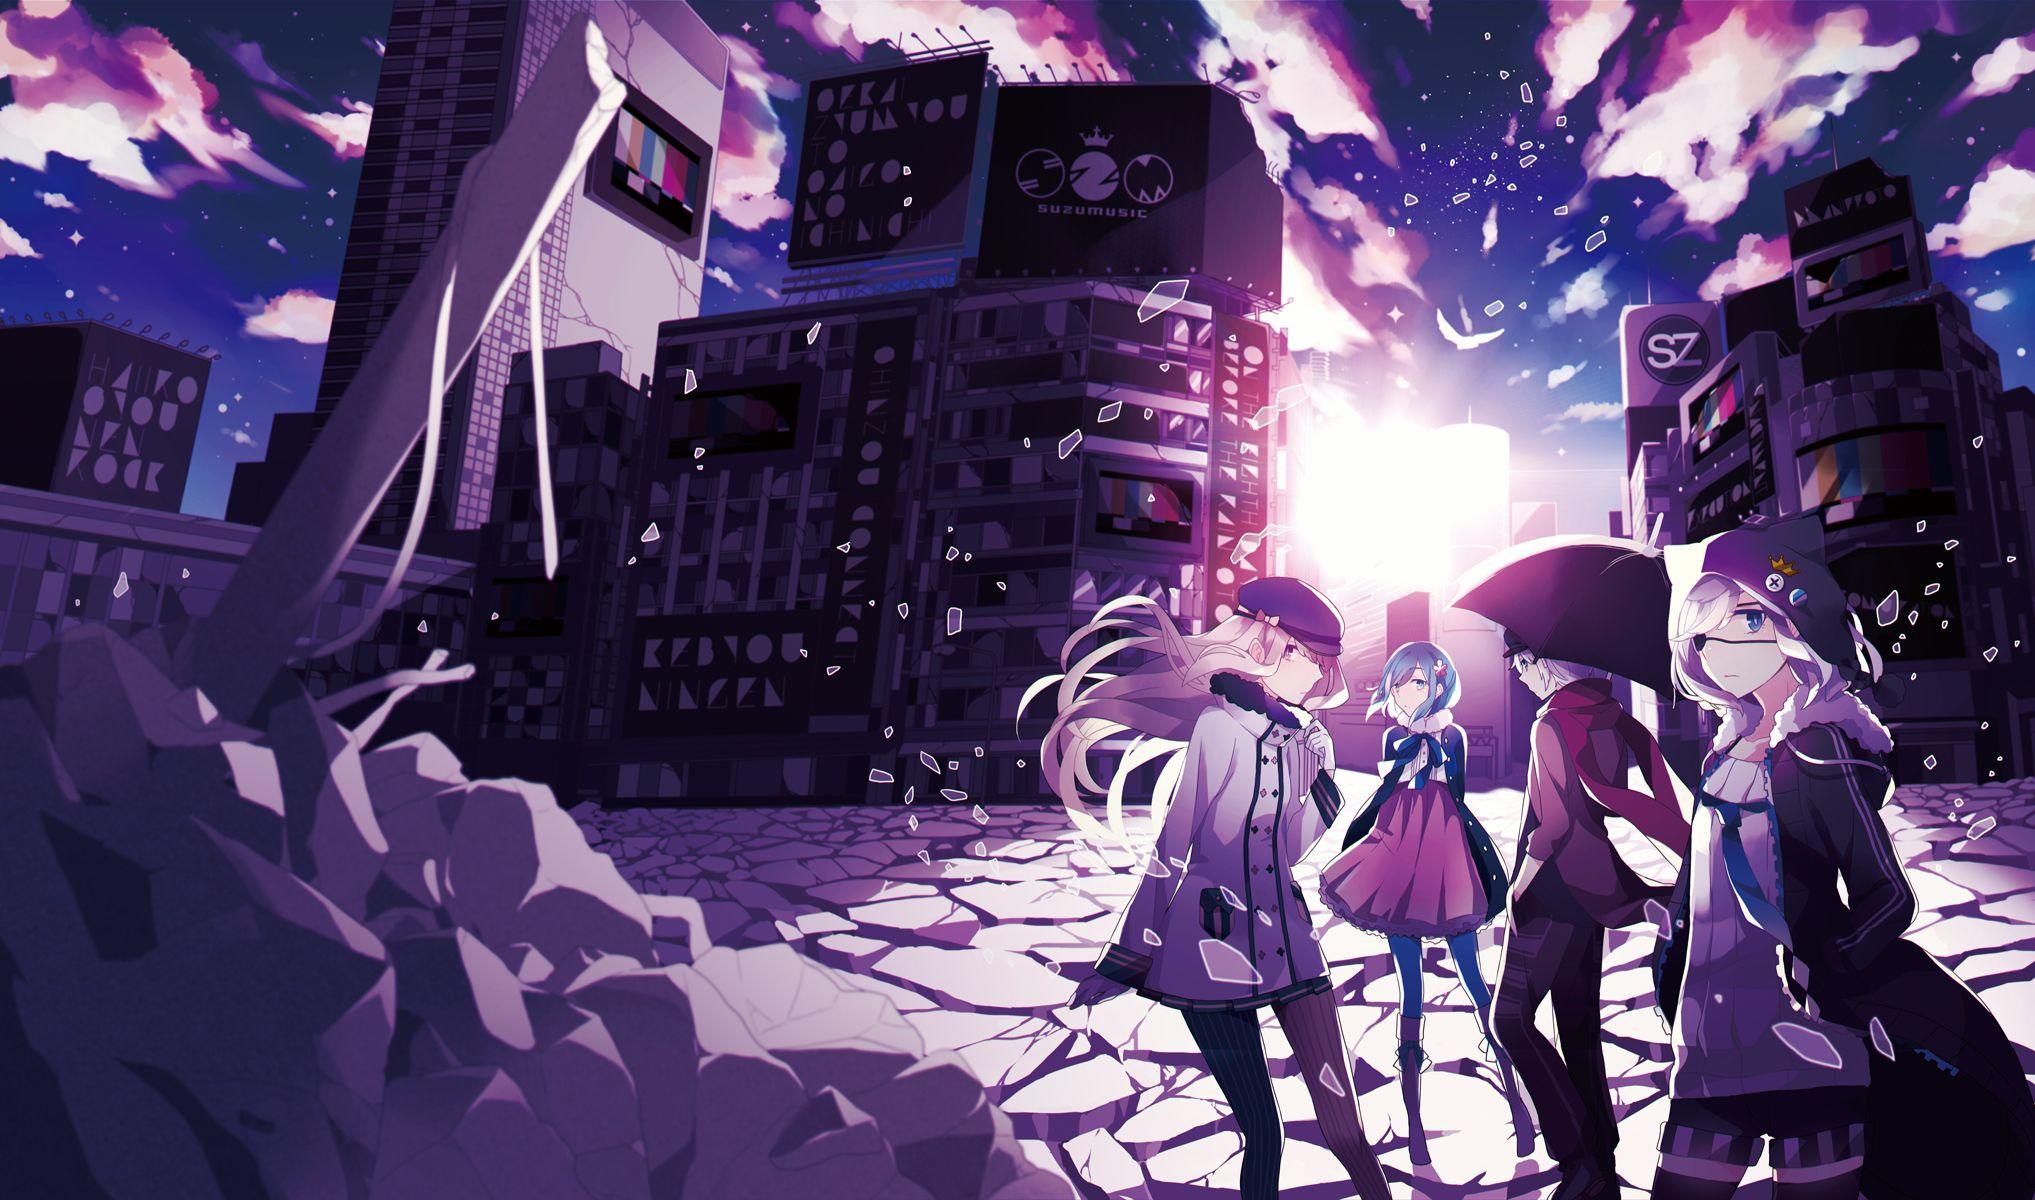 Pin by Meryuu on Saine Vocaloid Illust Nightcore